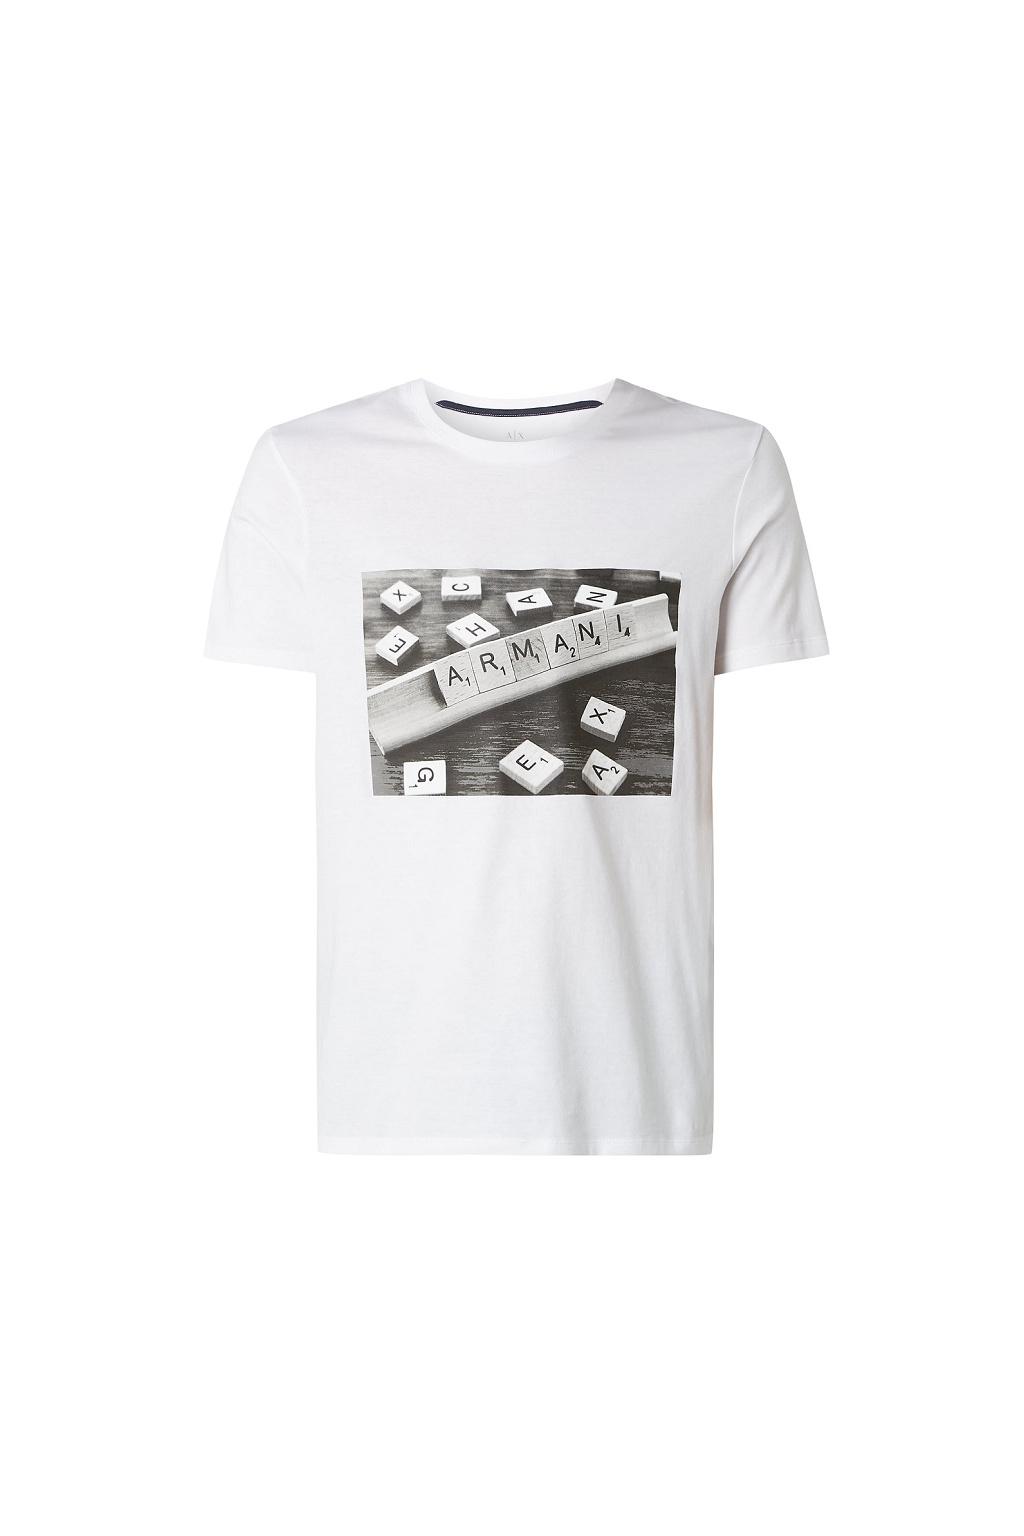 3HZTBC ZJ2HZ Pánské tričko Armani Exchange bílé